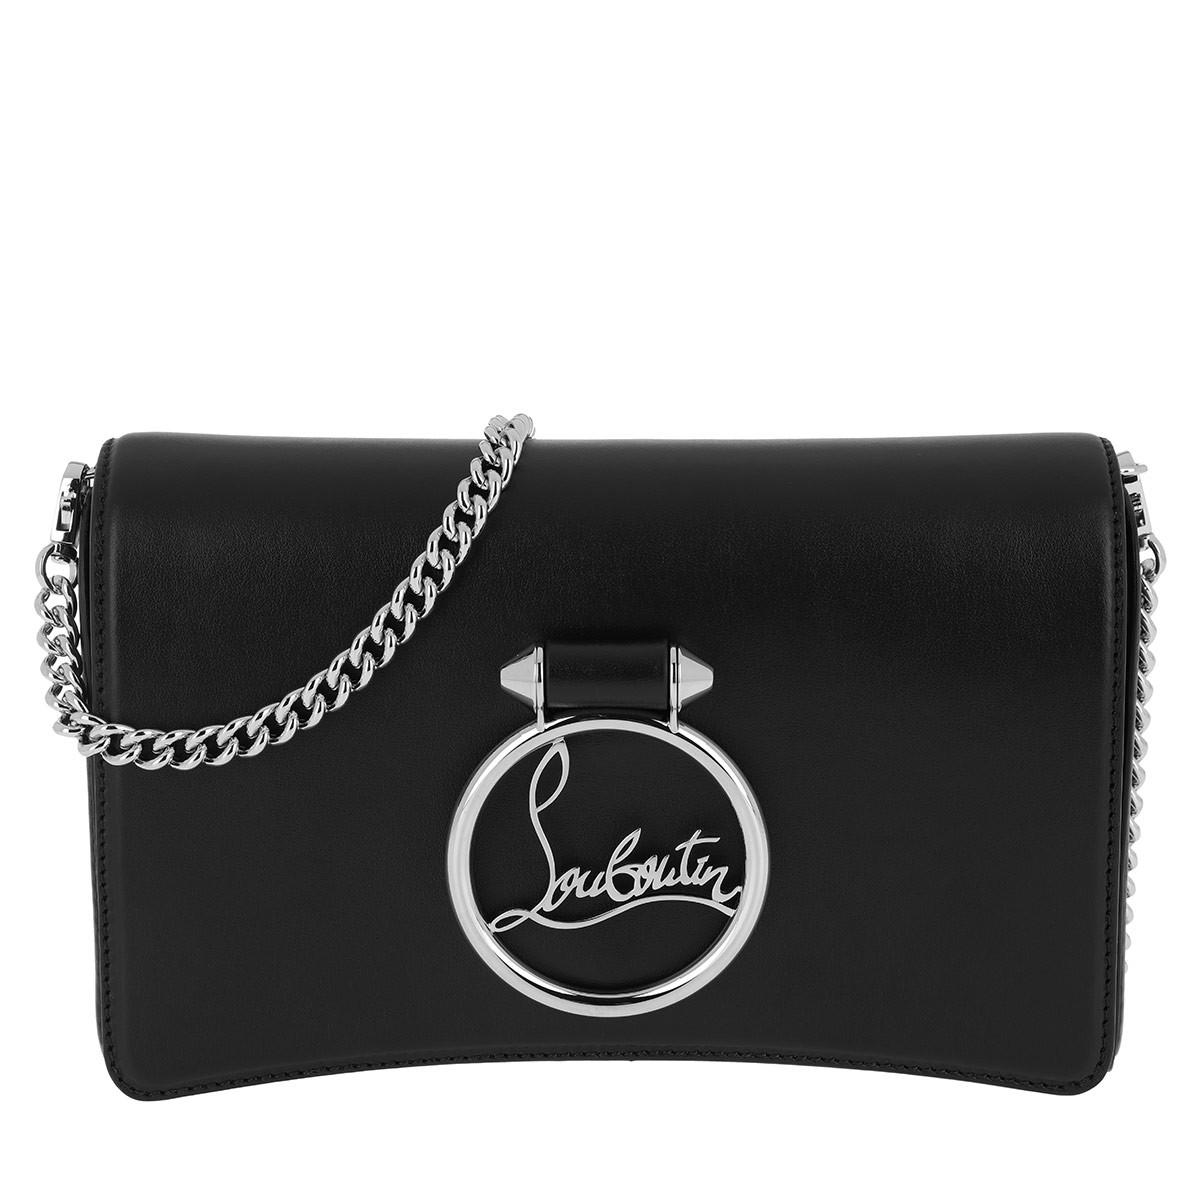 Christian Louboutin Umhängetasche - Rubylou Clutch Leather All Black - in schwarz - für Damen